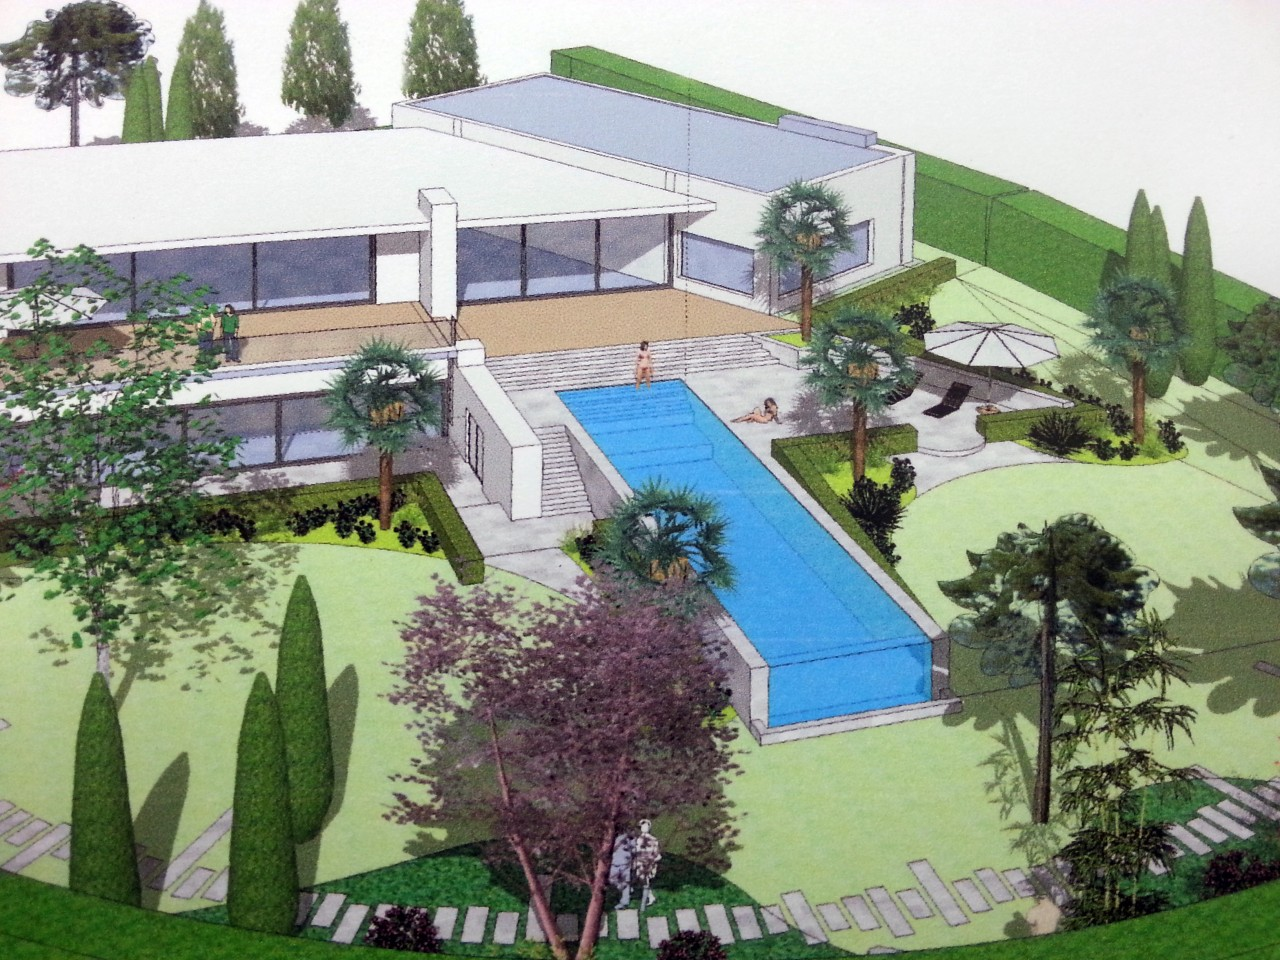 Modélisation de jardins en 3 dimensions